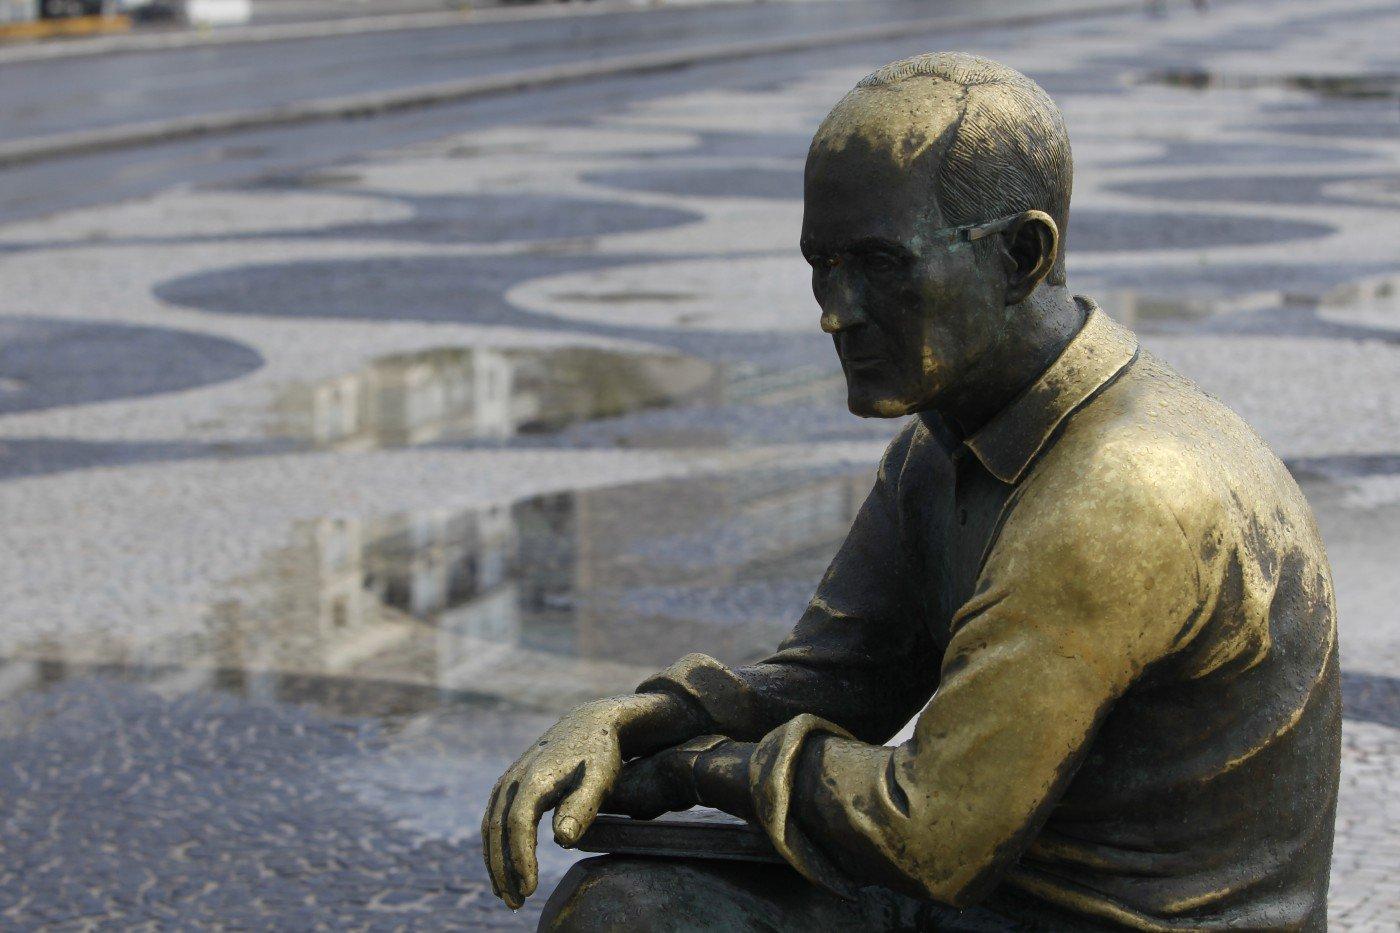 Óculos da estátua de Carlos Drummond é novamente furtado em Copacabana